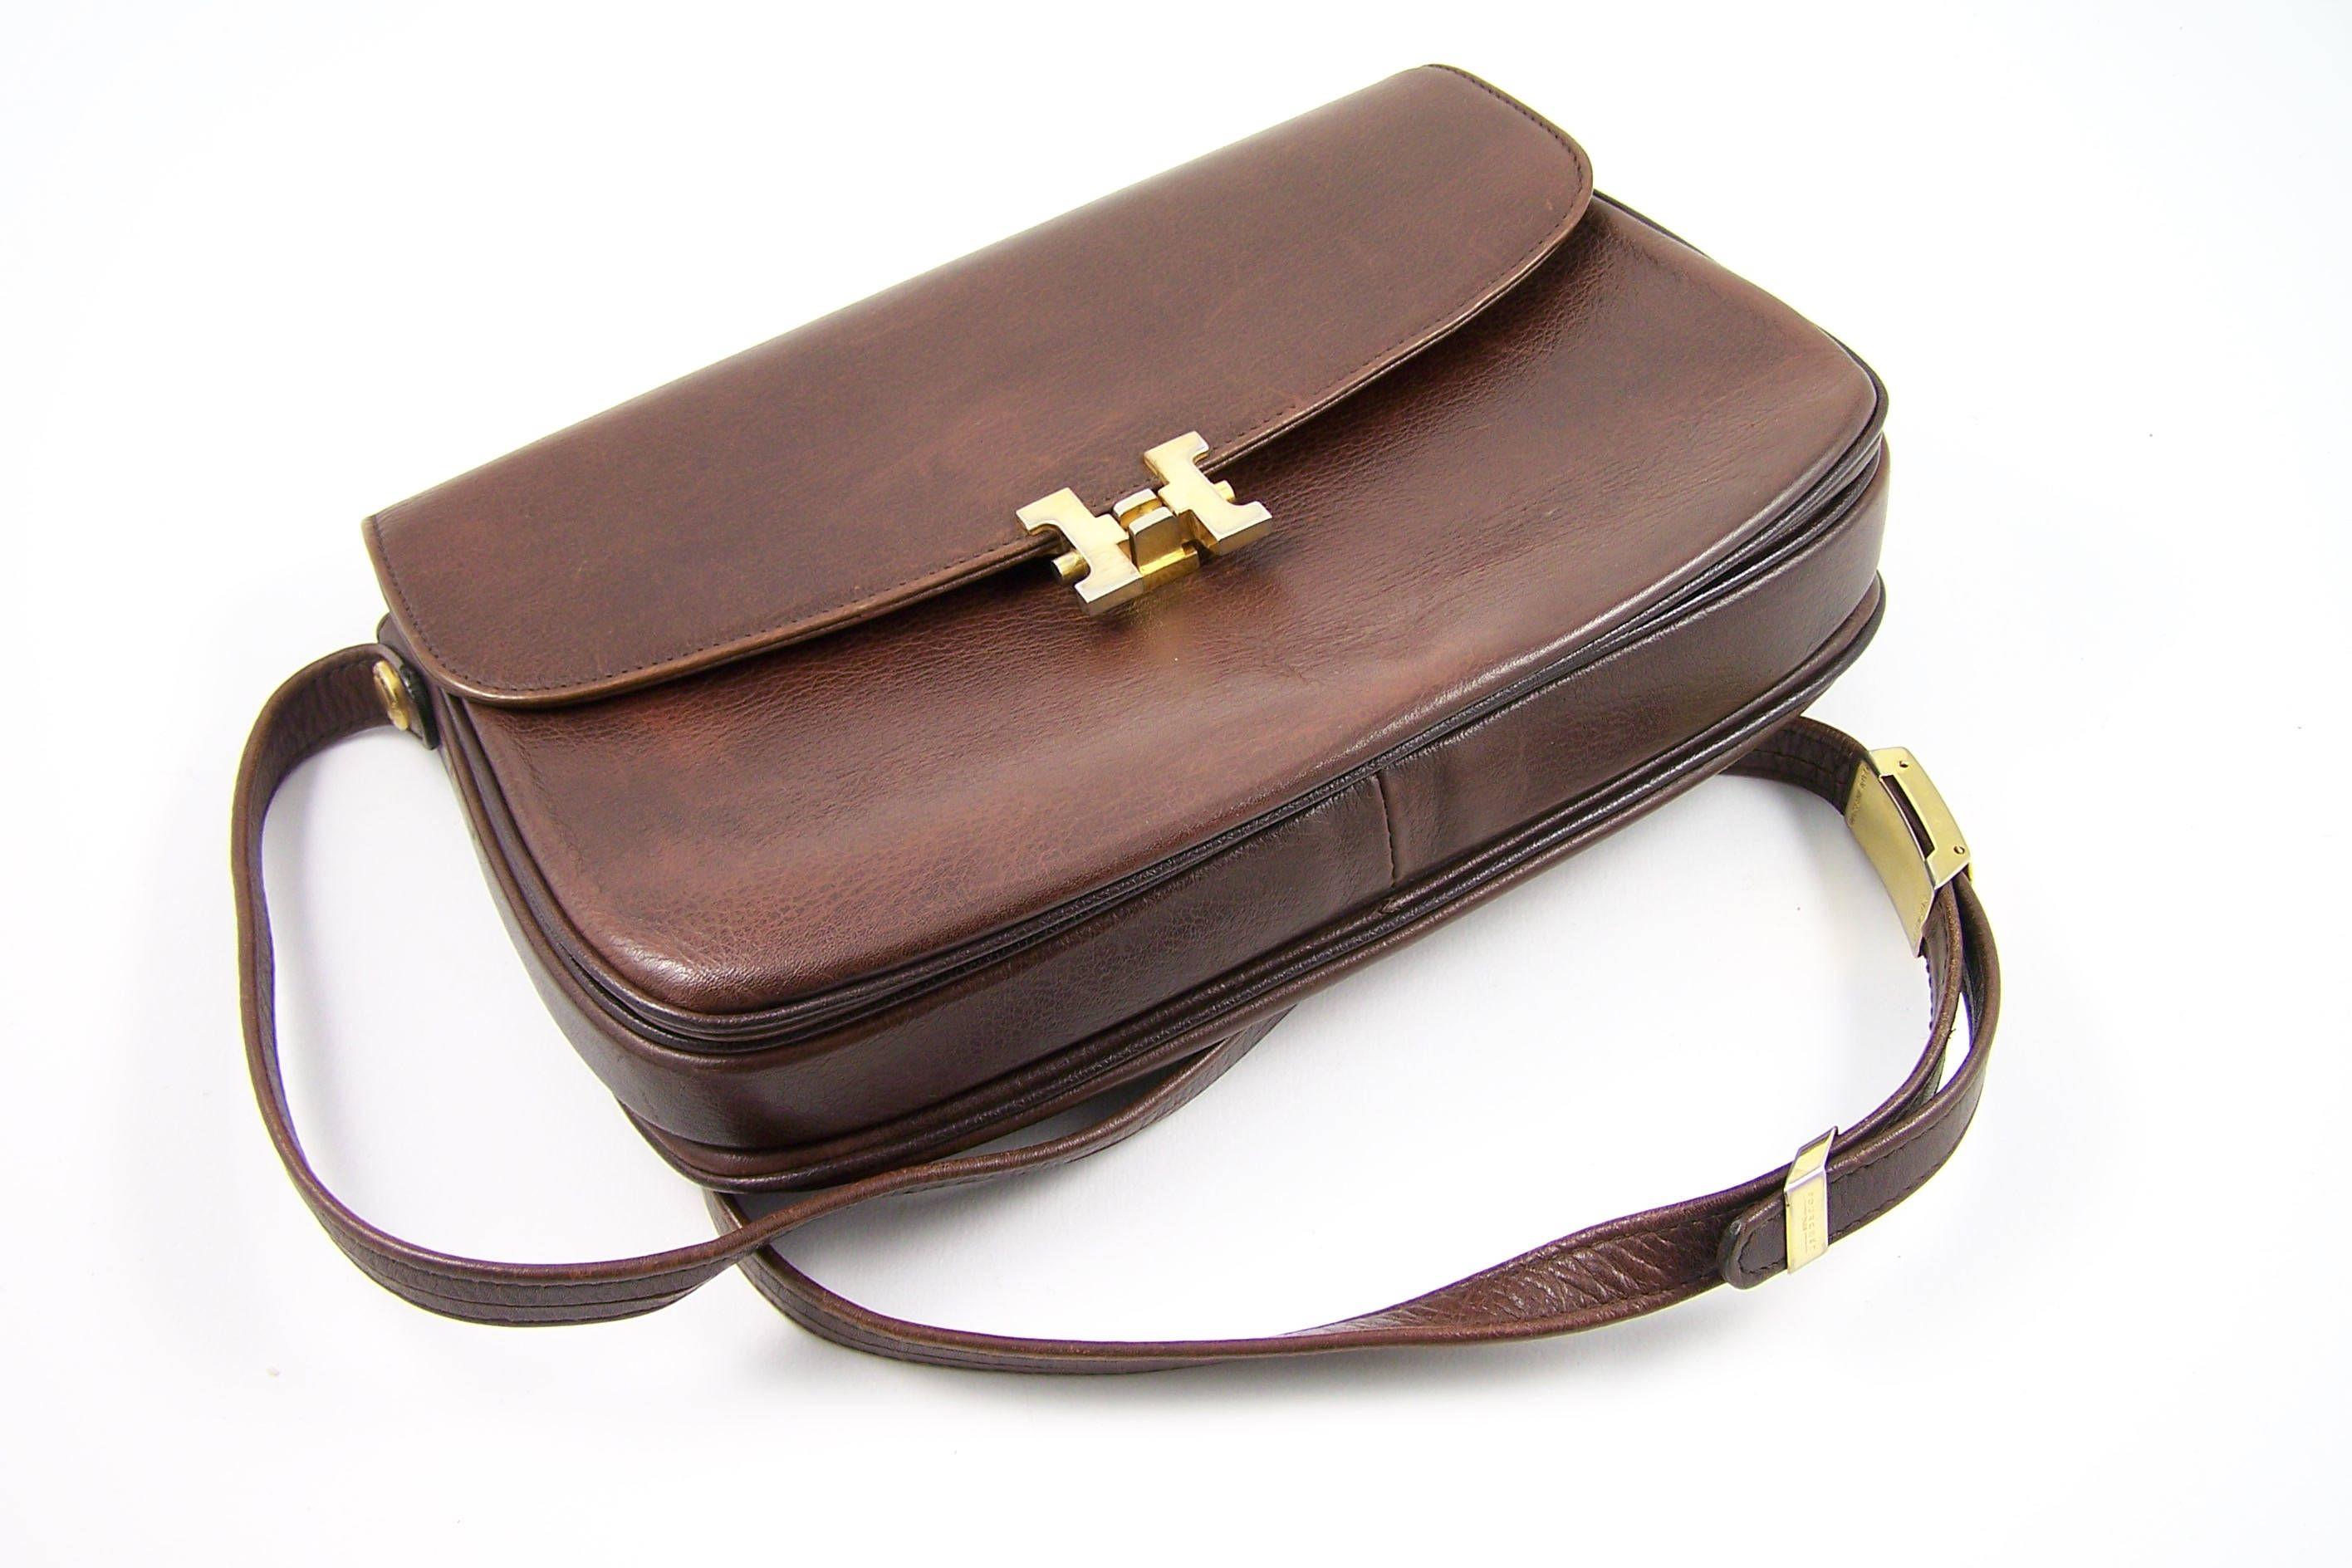 5882bf5e4051b Sac à main cuir marron Pourchet avec bandoulière réglable | Made in France  vintage de la boutique MyFrenchIdeedAntique sur Etsy